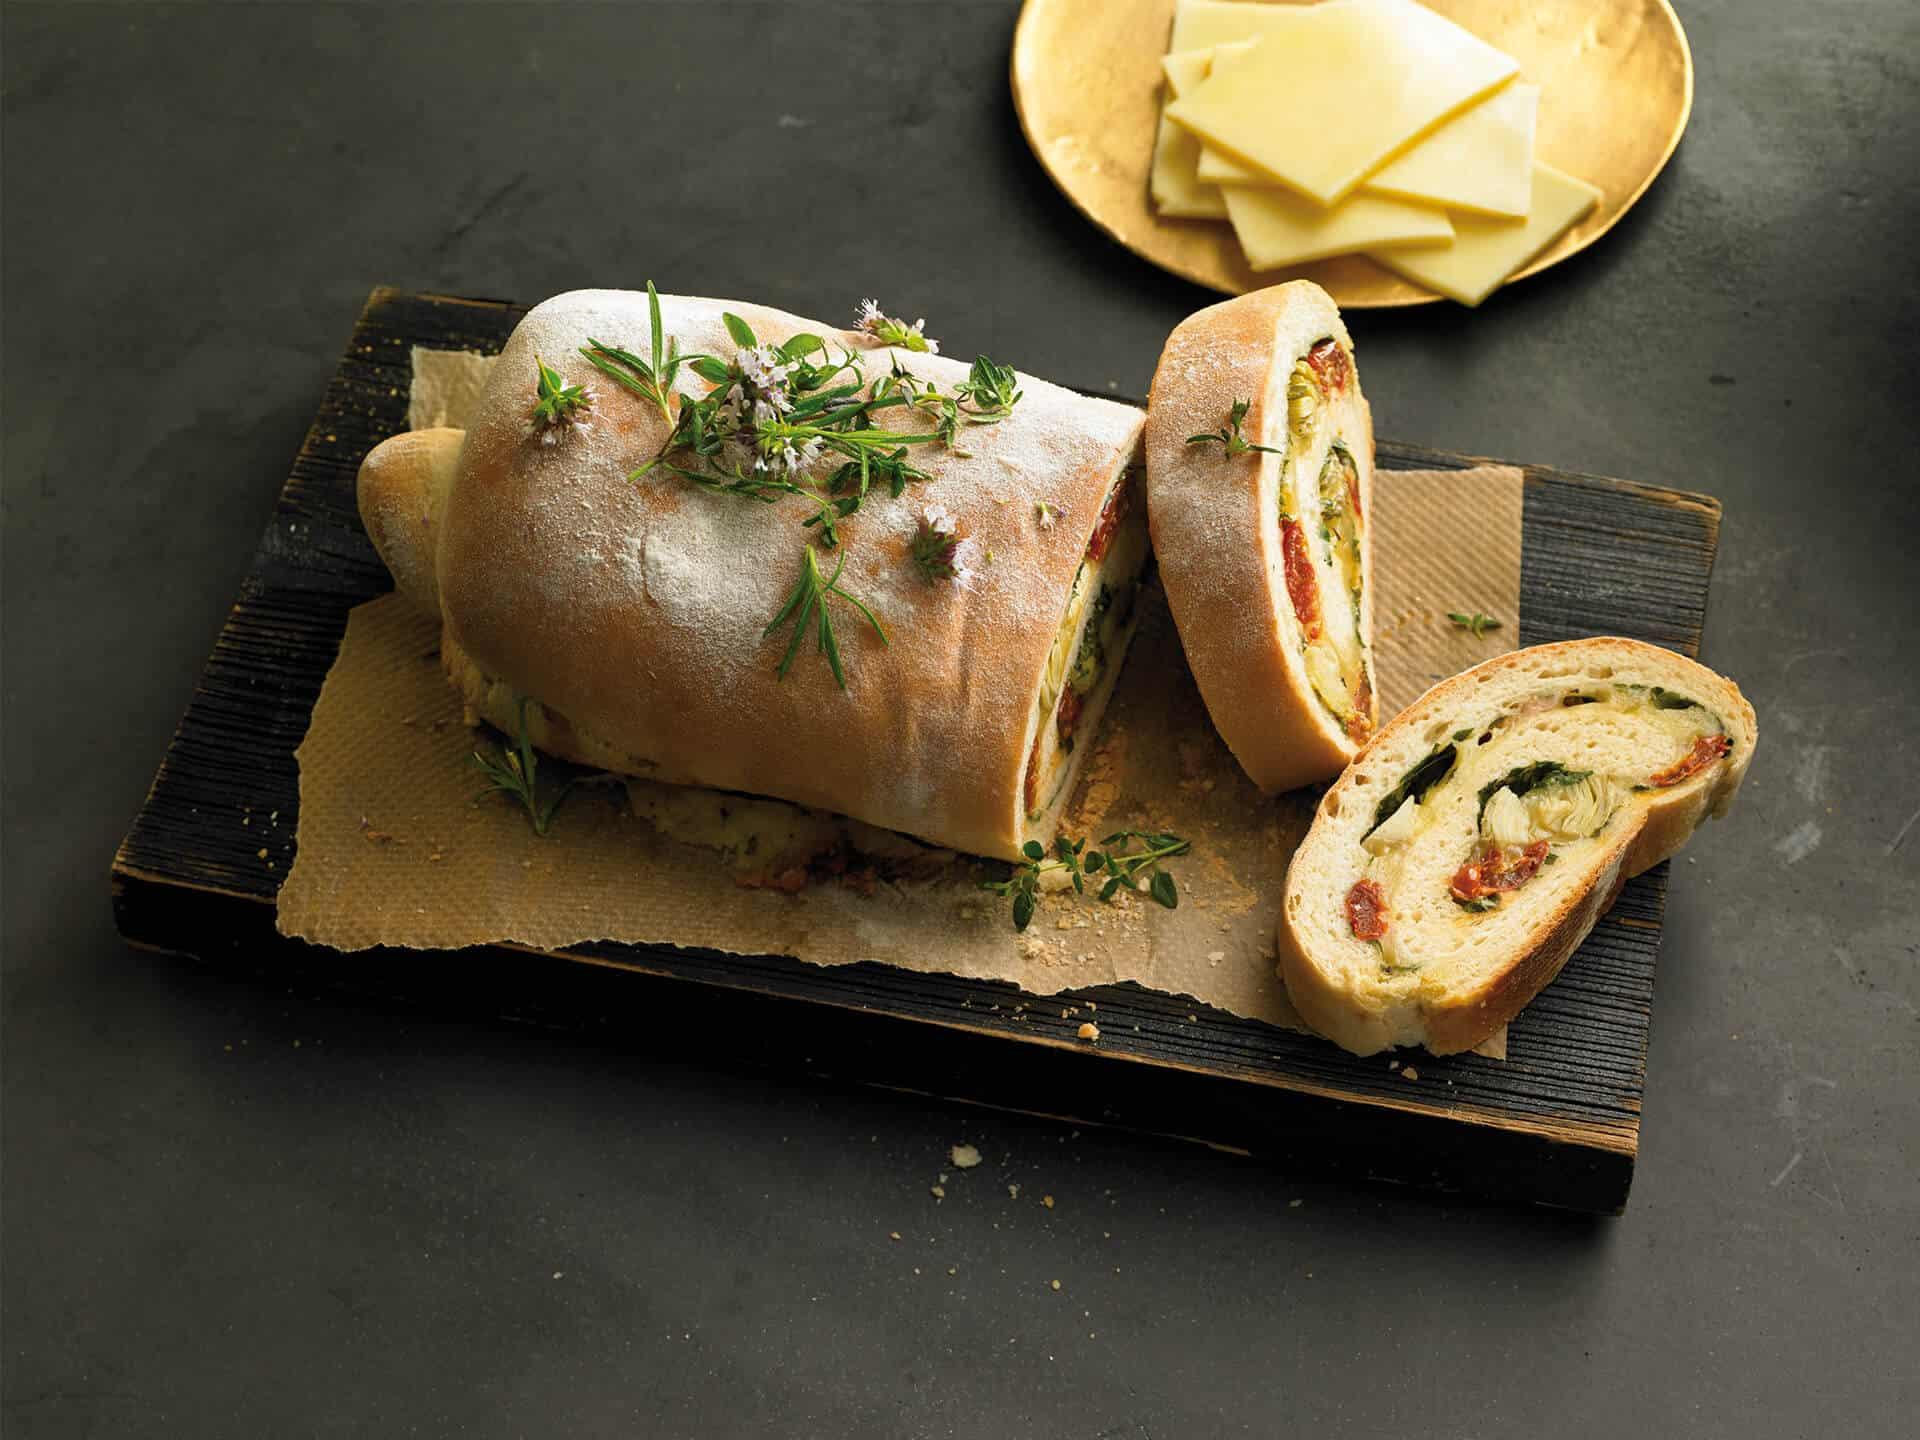 Gefüllter Hefeteig mit Käse und Kräutern